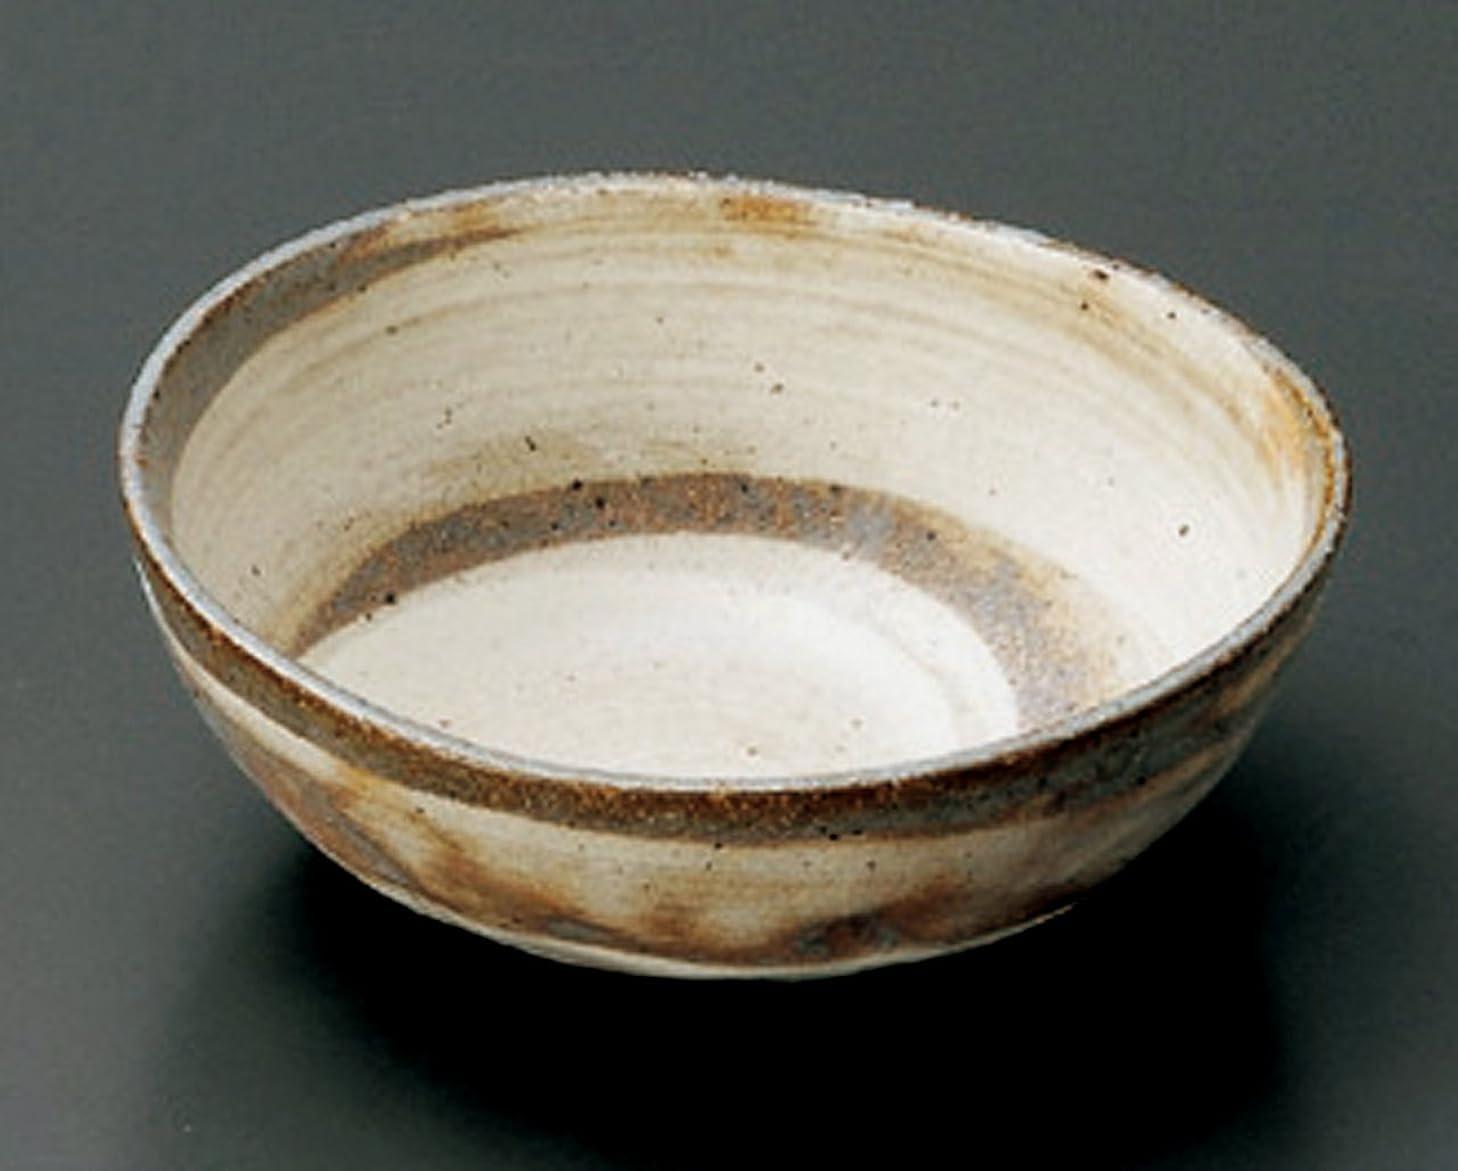 ヘビ大気信条粉引刷毛目 楕円 13.5cm 小鉢 前菜用に取り鉢にも